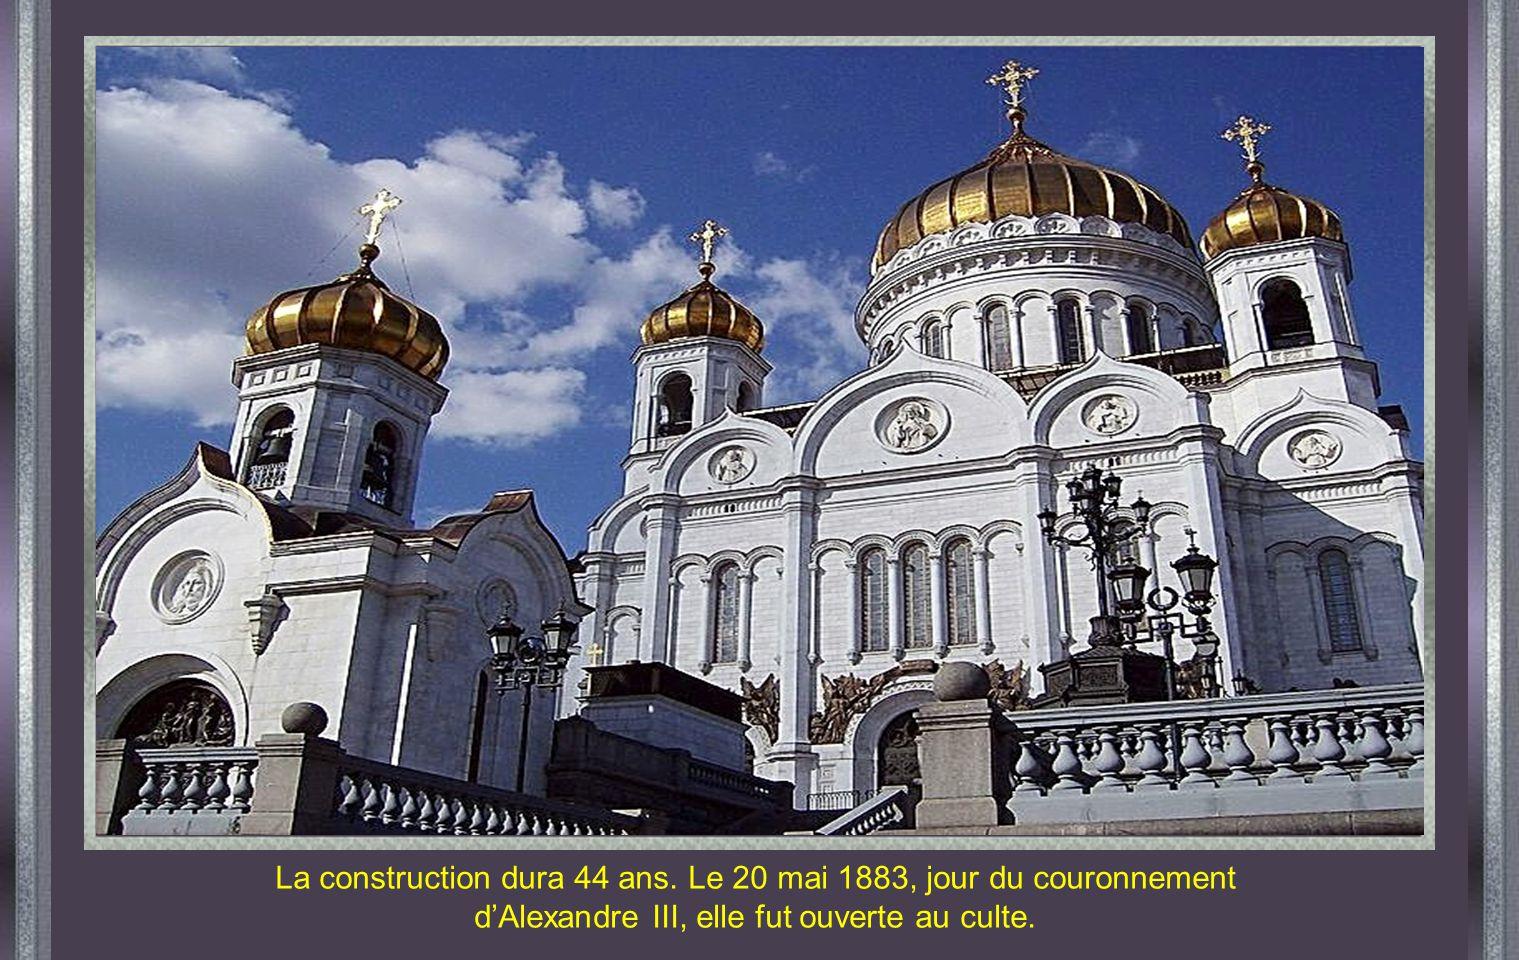 La construction dura 44 ans. Le 20 mai 1883, jour du couronnement